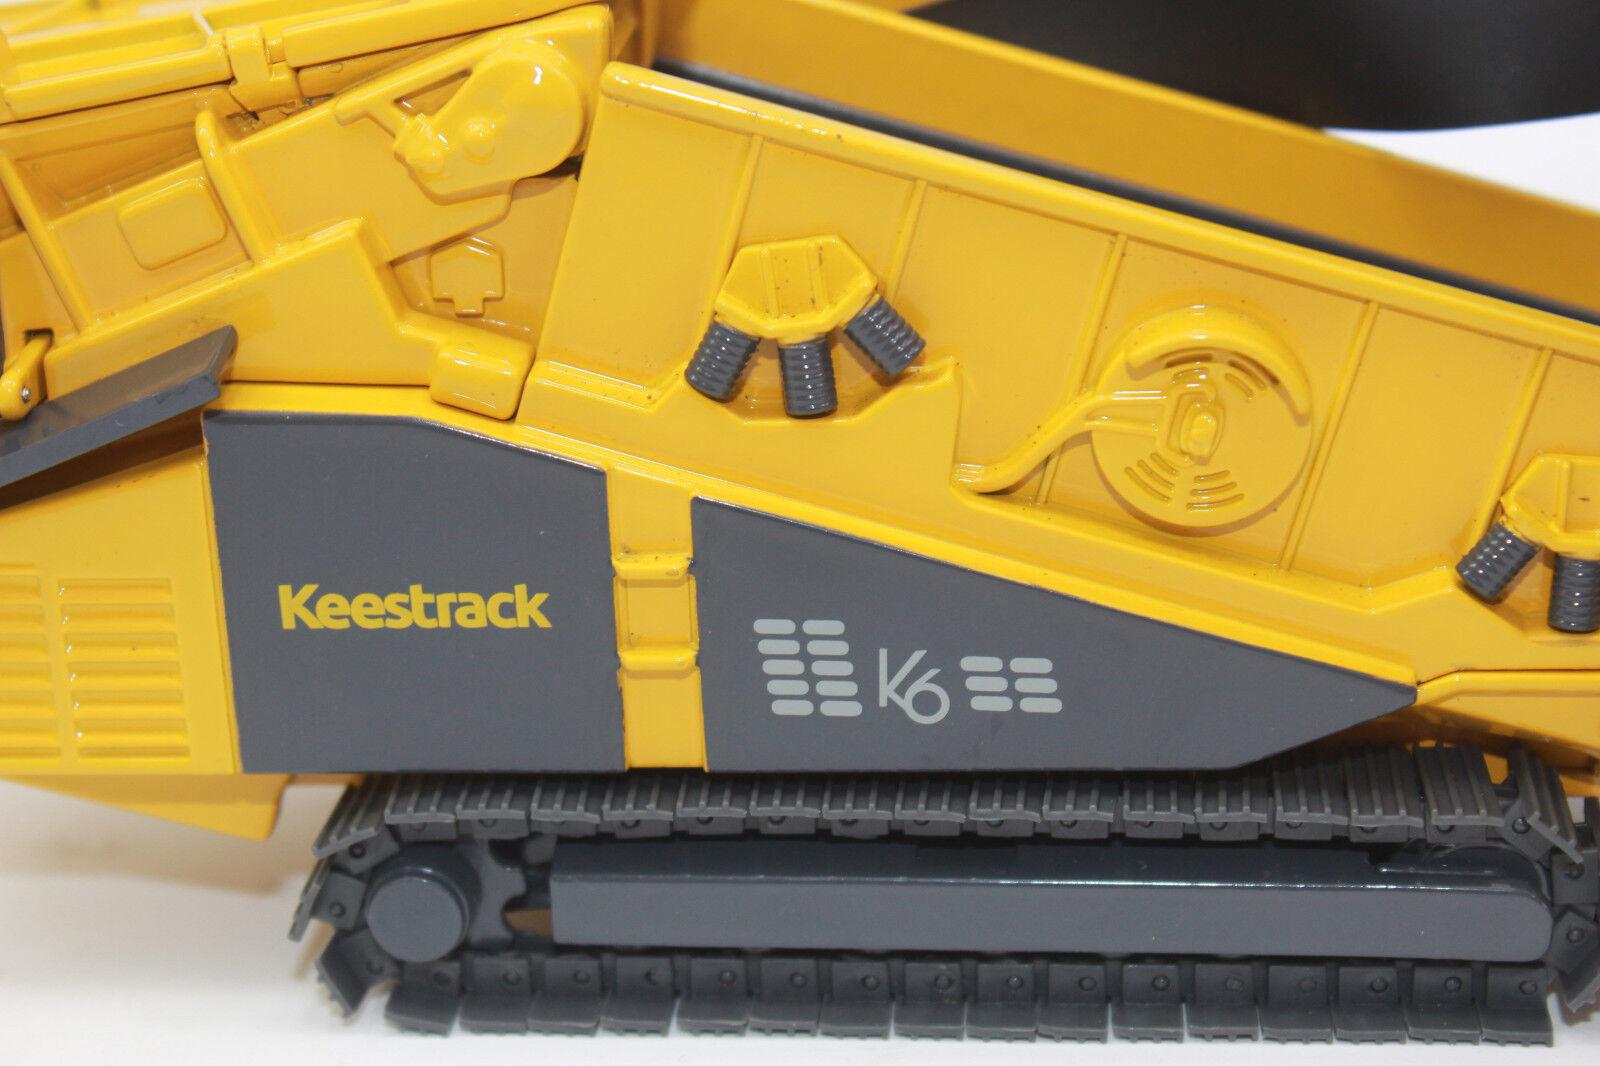 Keestrack k6 k6 k6 Frontier criblage sur chenilles De Châssis Mobile Neuf dans neuf dans sa Boîte 1:50 | Paris  778d1e